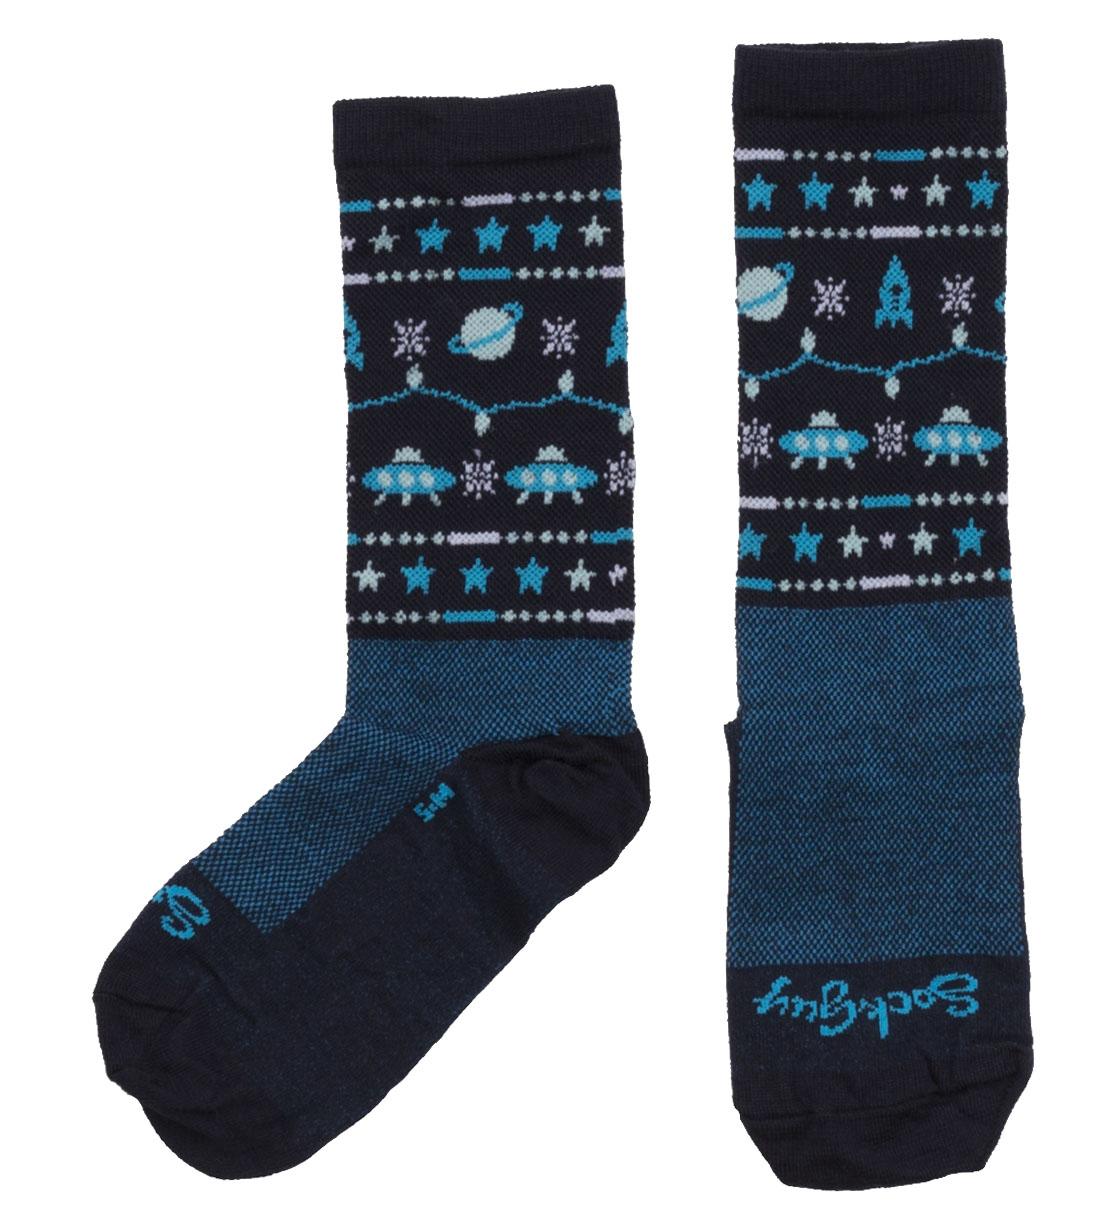 Sockguy Sweater Blue Wool Socks